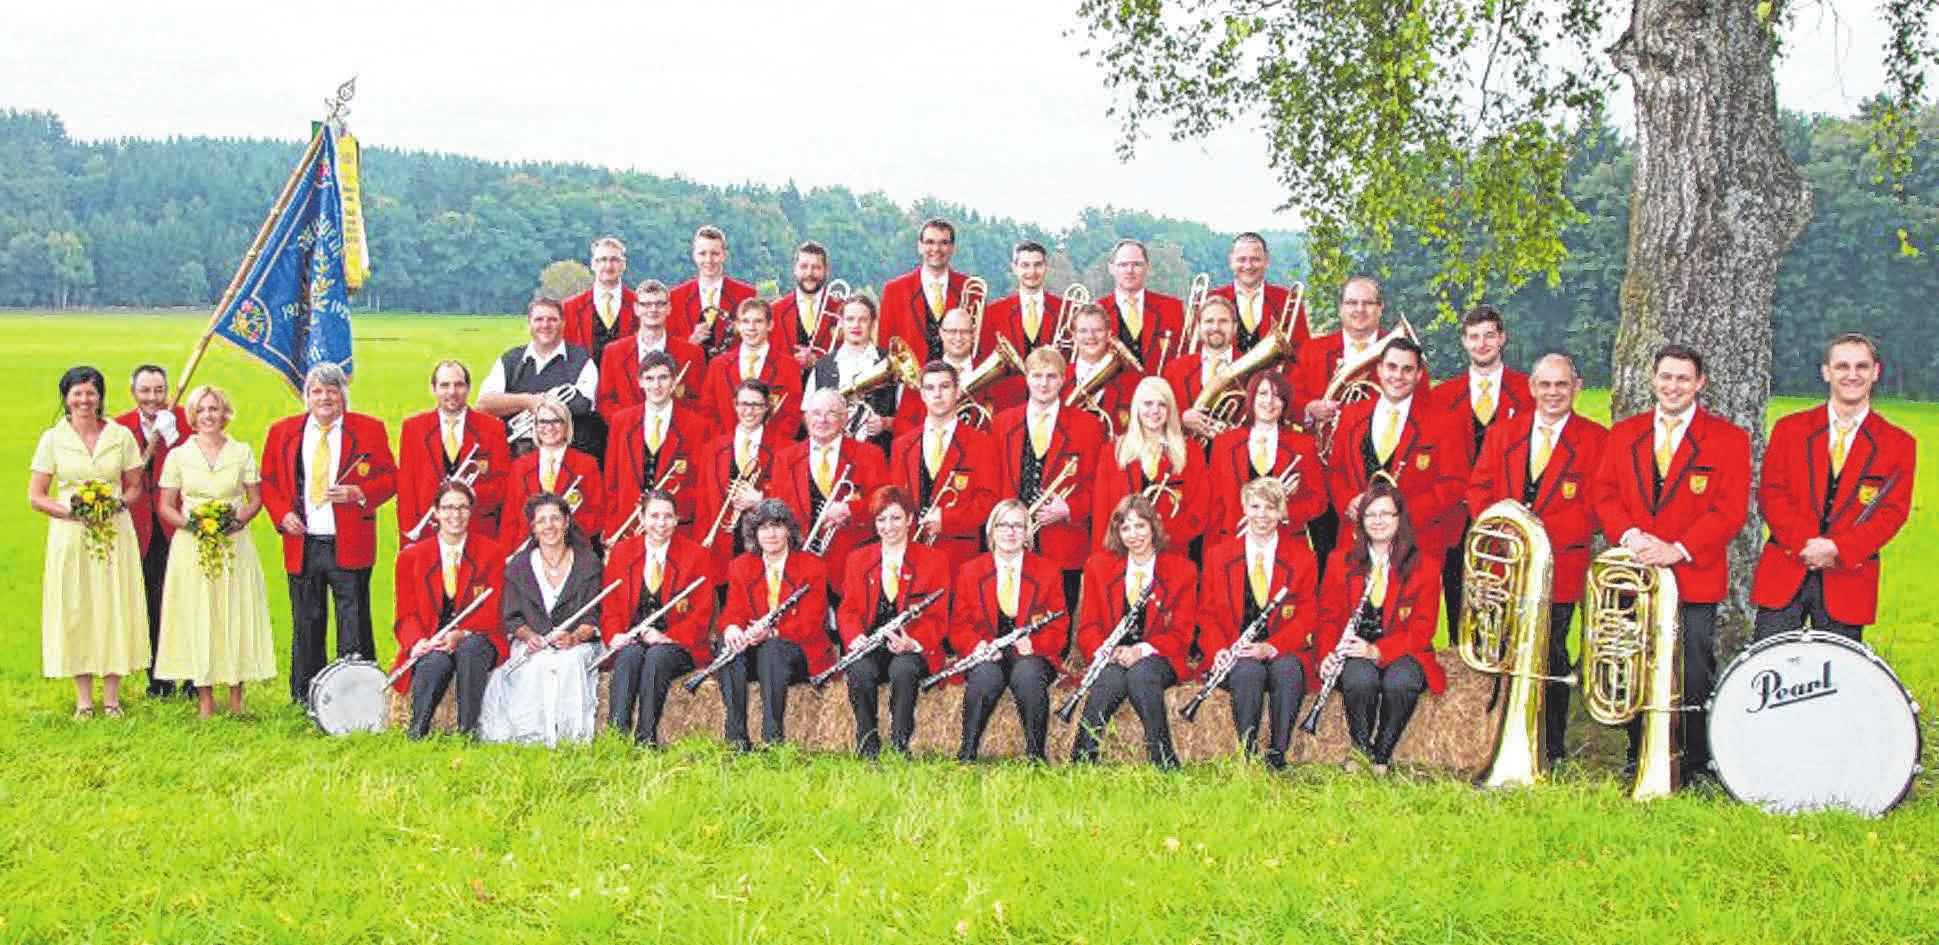 Der Musikverein Unterwaldhausen lädt wieder zu seinem viertägigen Frühlingsfest ein. Während der erste Teil der Independent-Musik gehört (Querbeat Festival, siehe gegenüberliegende Seite), steht der zweite Teil ganz im Zeichen der Blasmusik.   FOTOS: FRICK (1) / PR